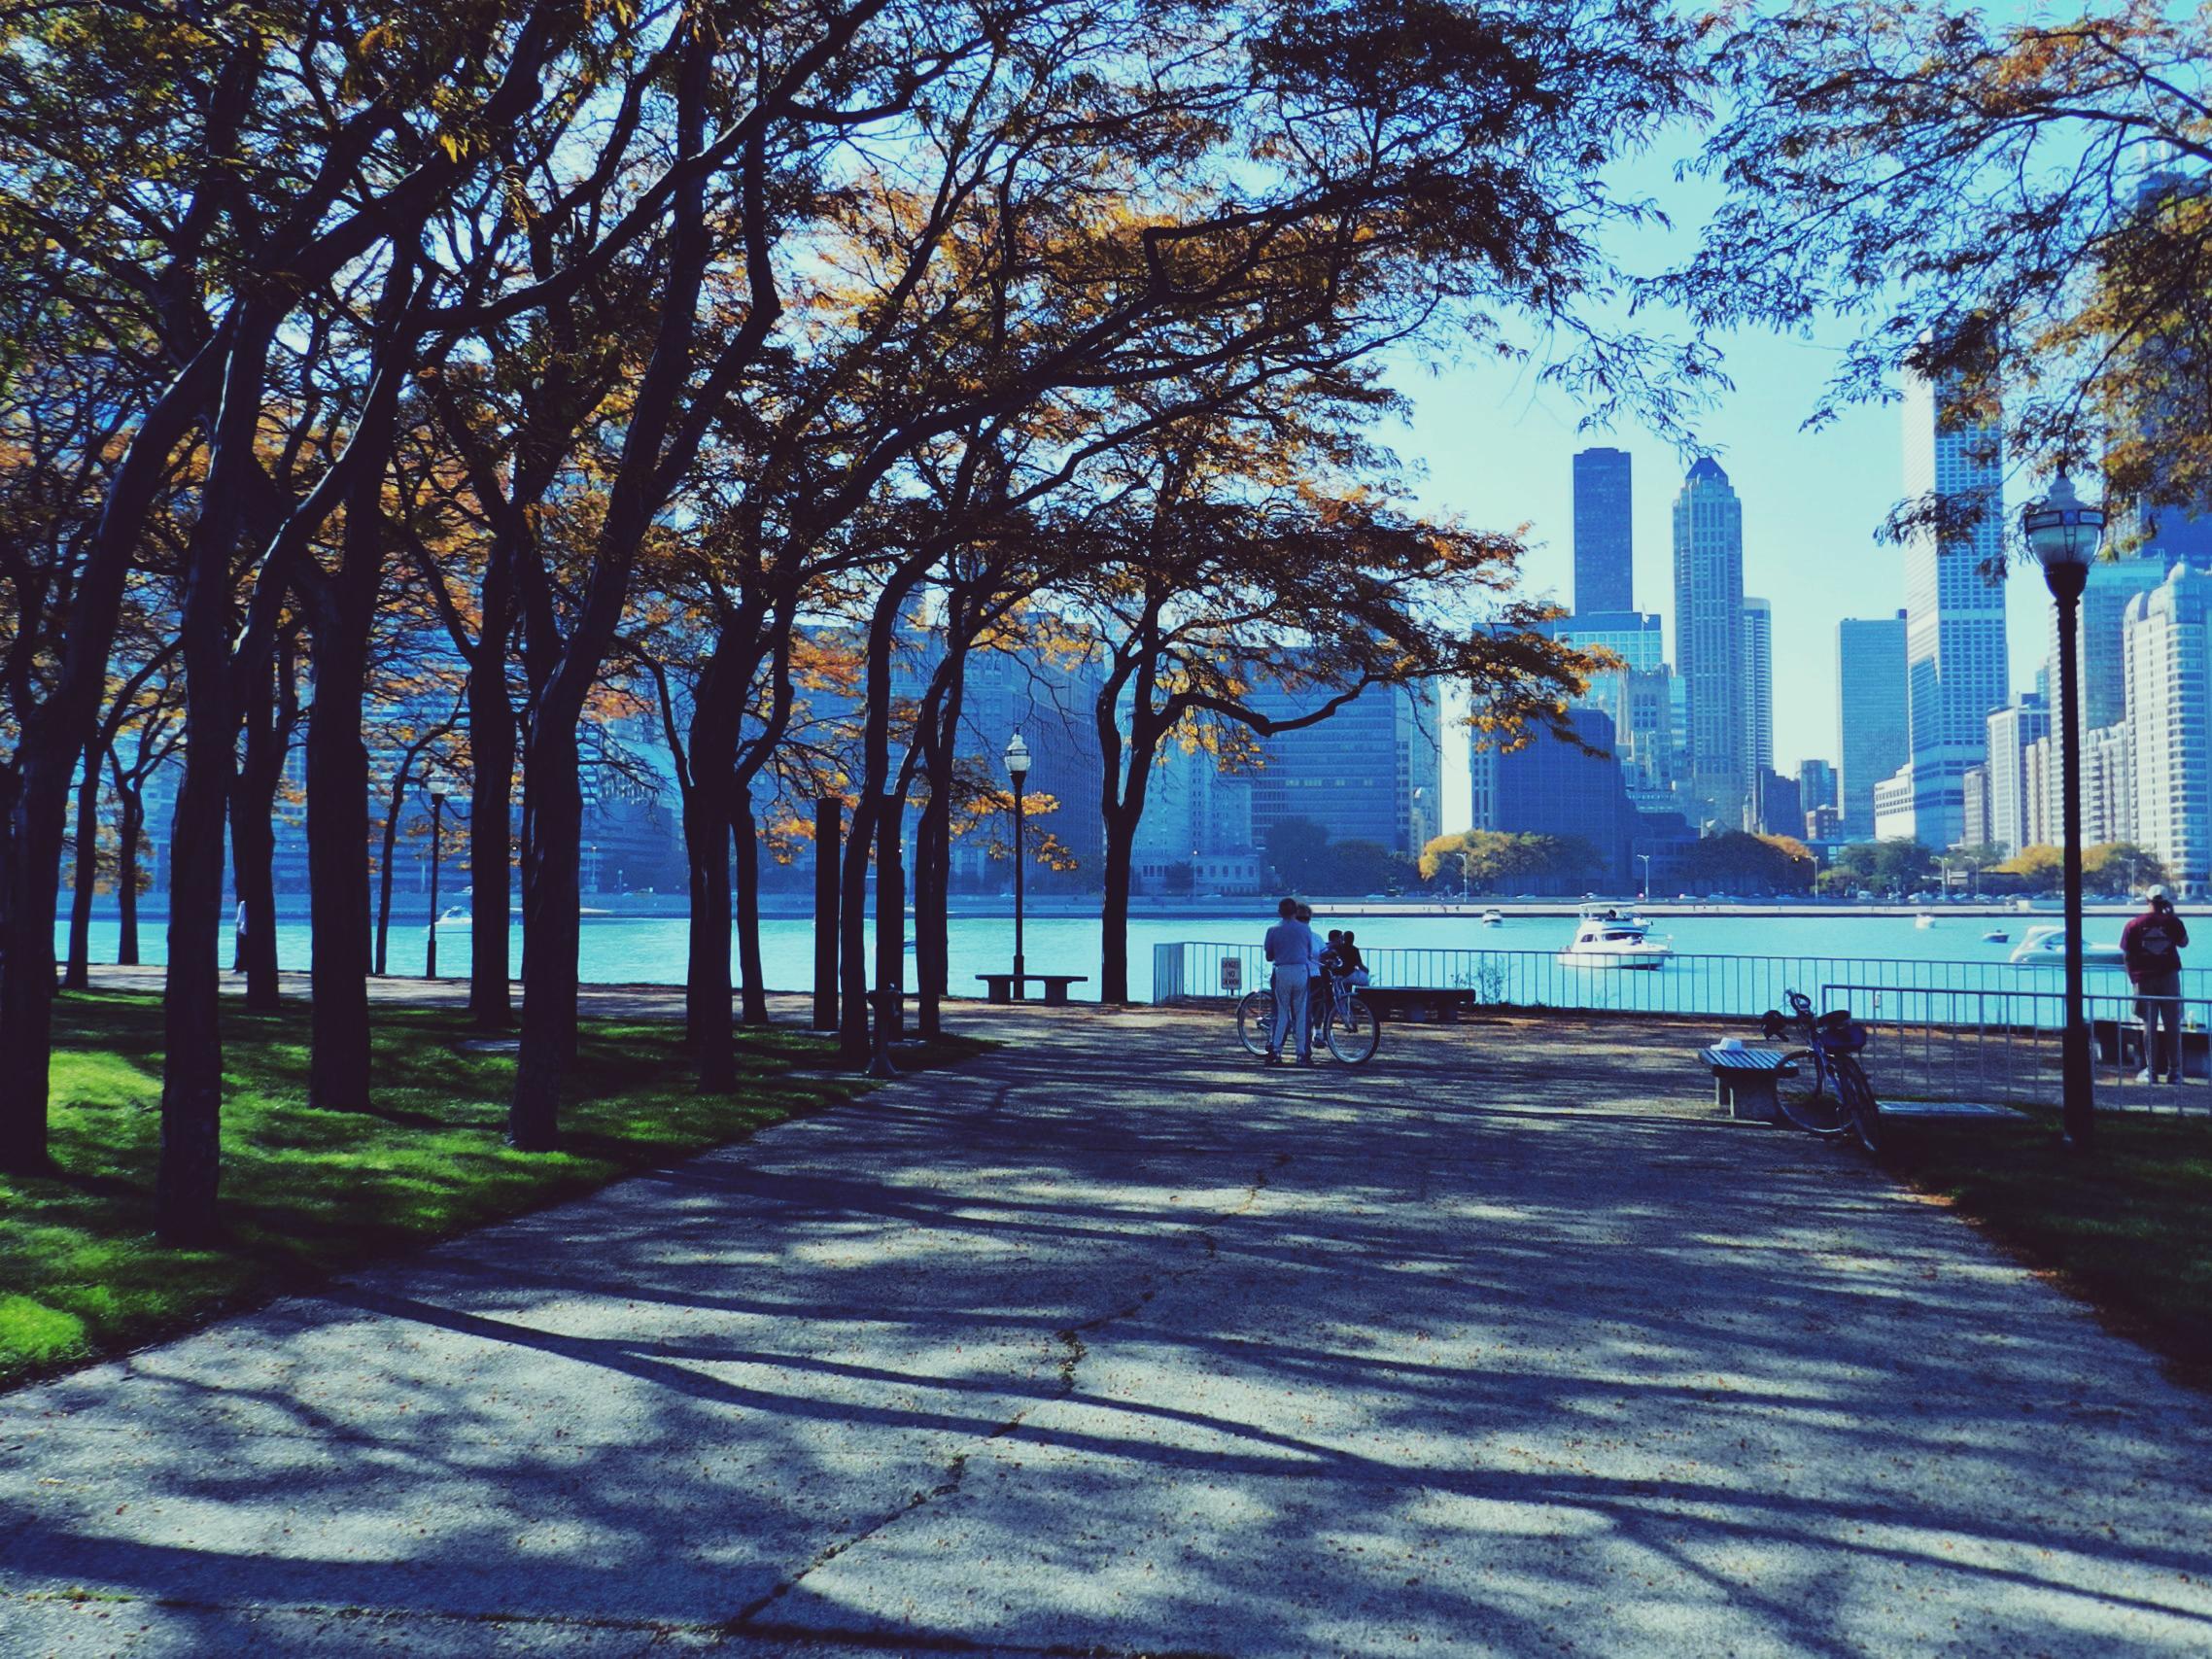 19555 скачать обои Пейзаж, Города, Деревья - заставки и картинки бесплатно